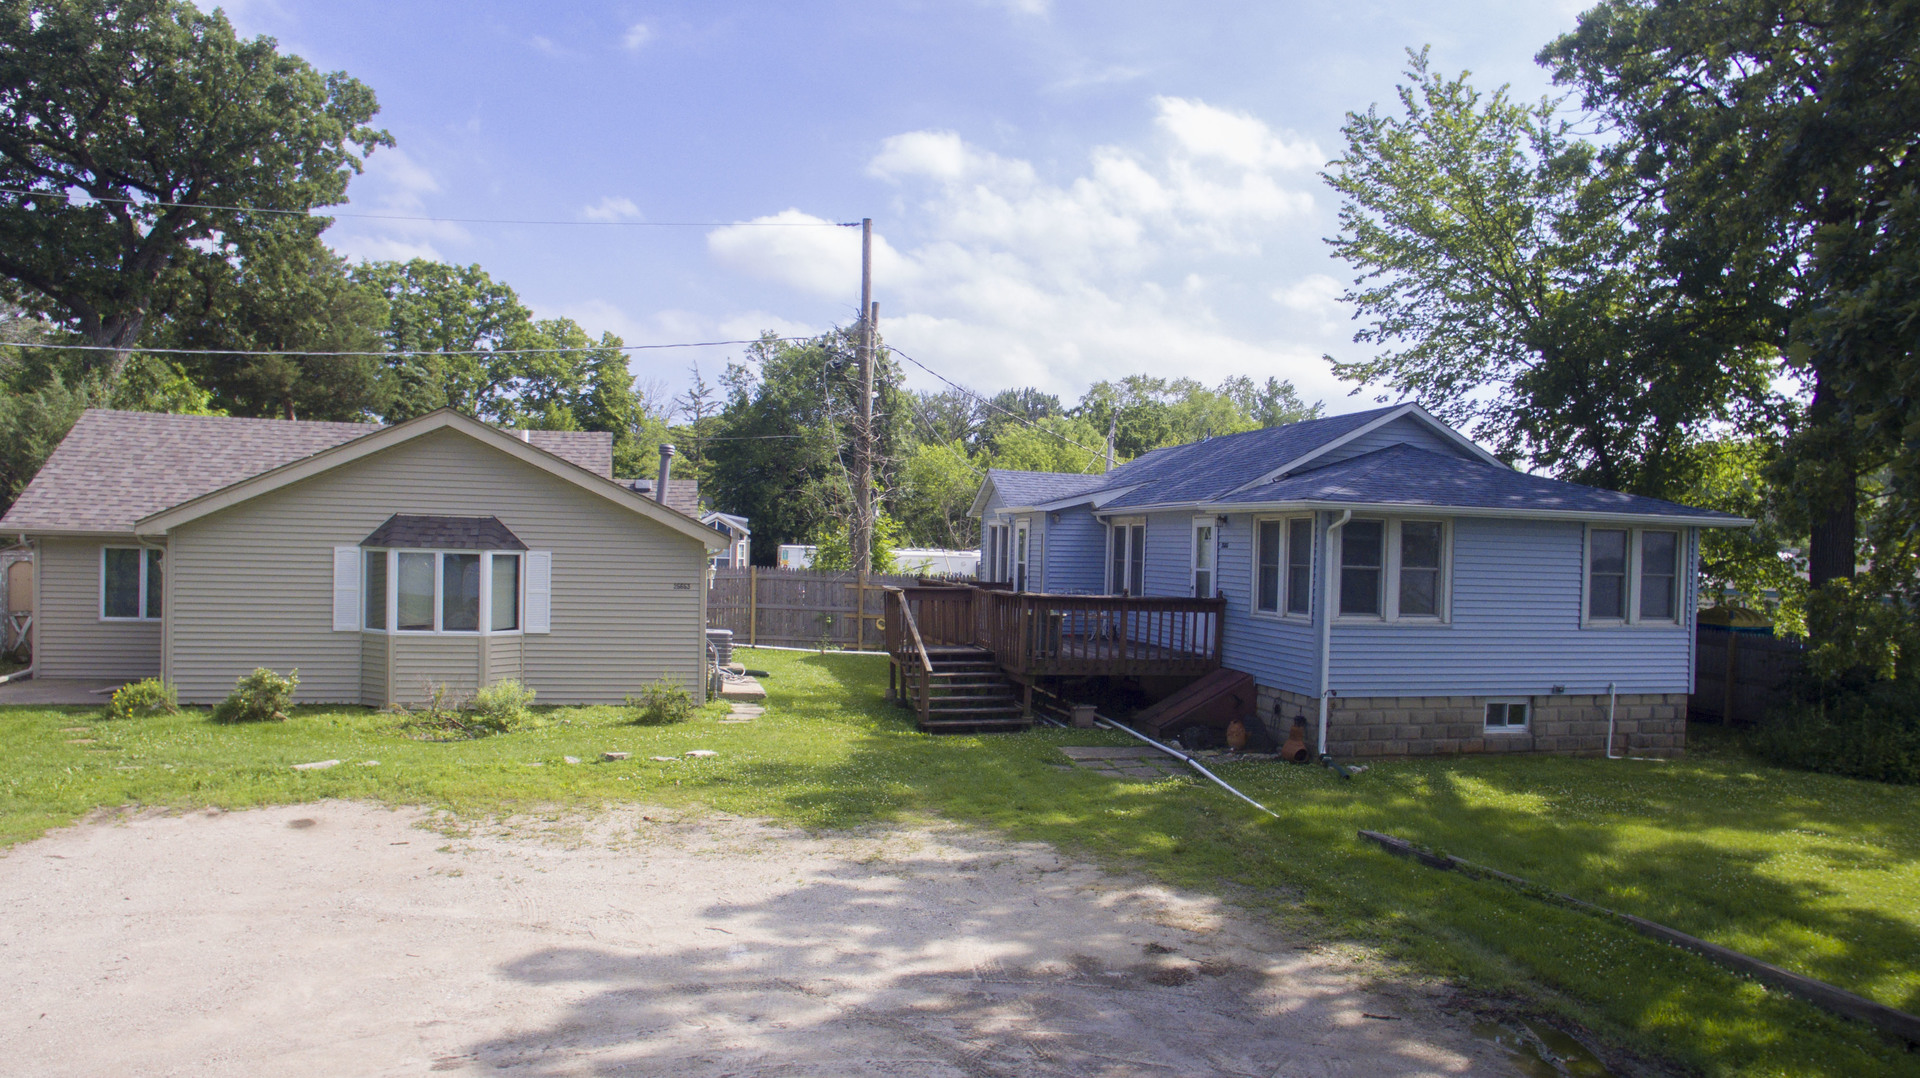 25655 West Dressel, ANTIOCH, Illinois, 60002